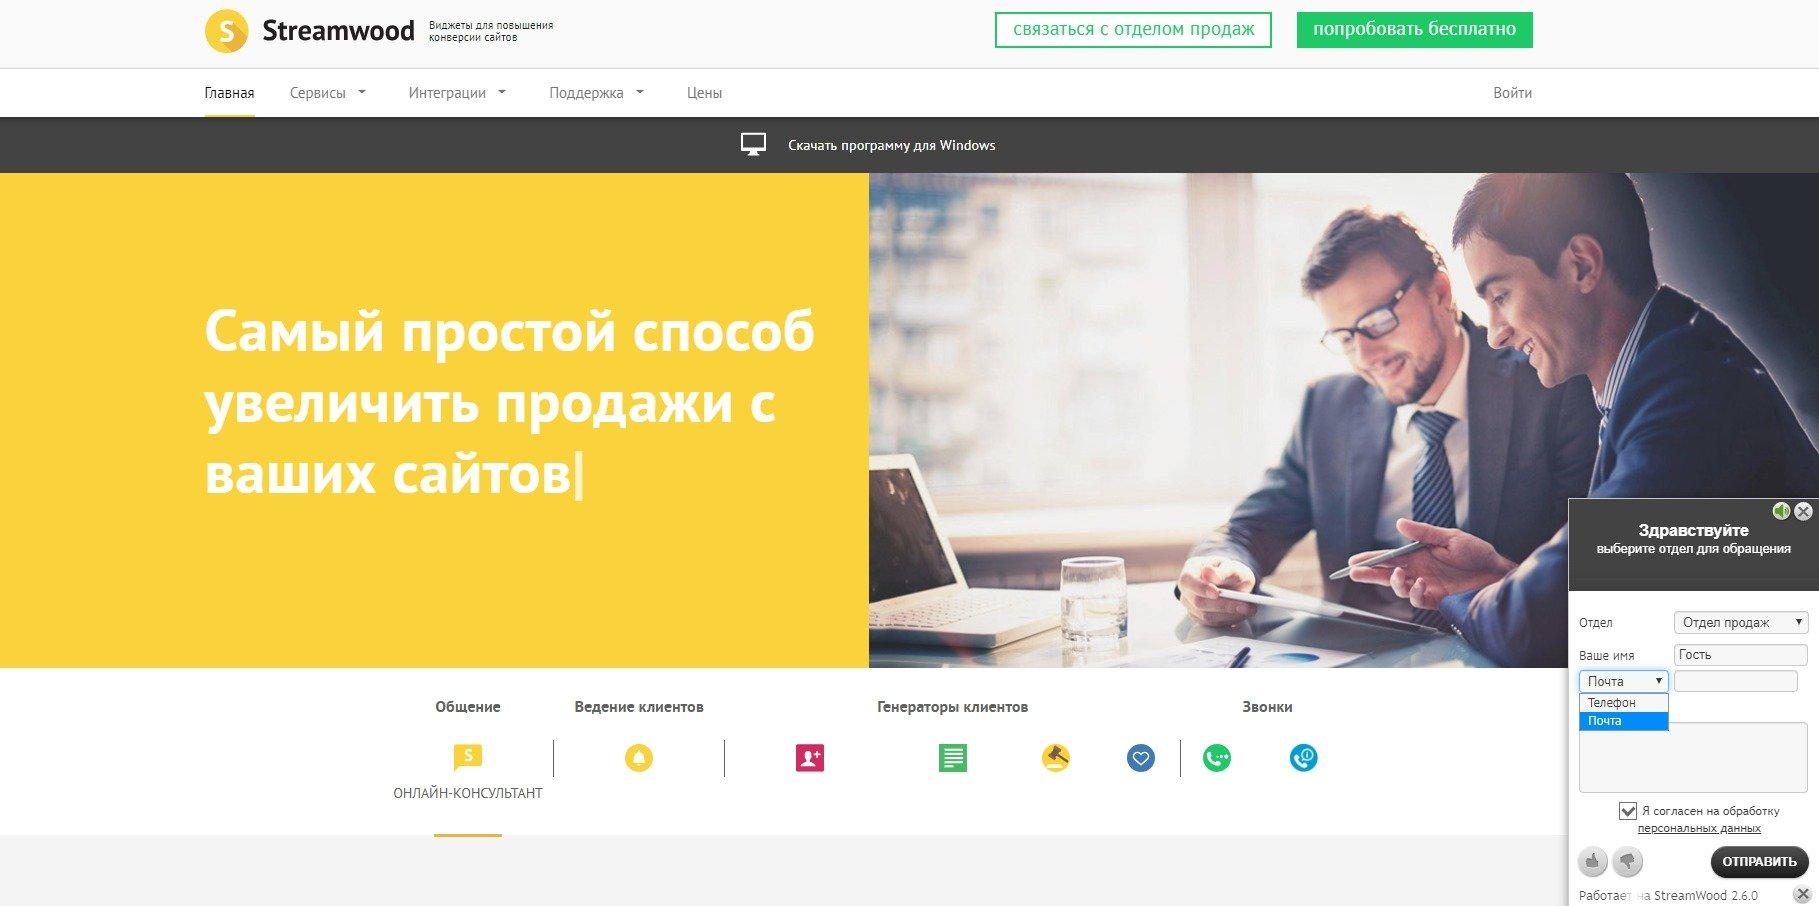 Работа чат онлайн куплю биткоины днепропетровск